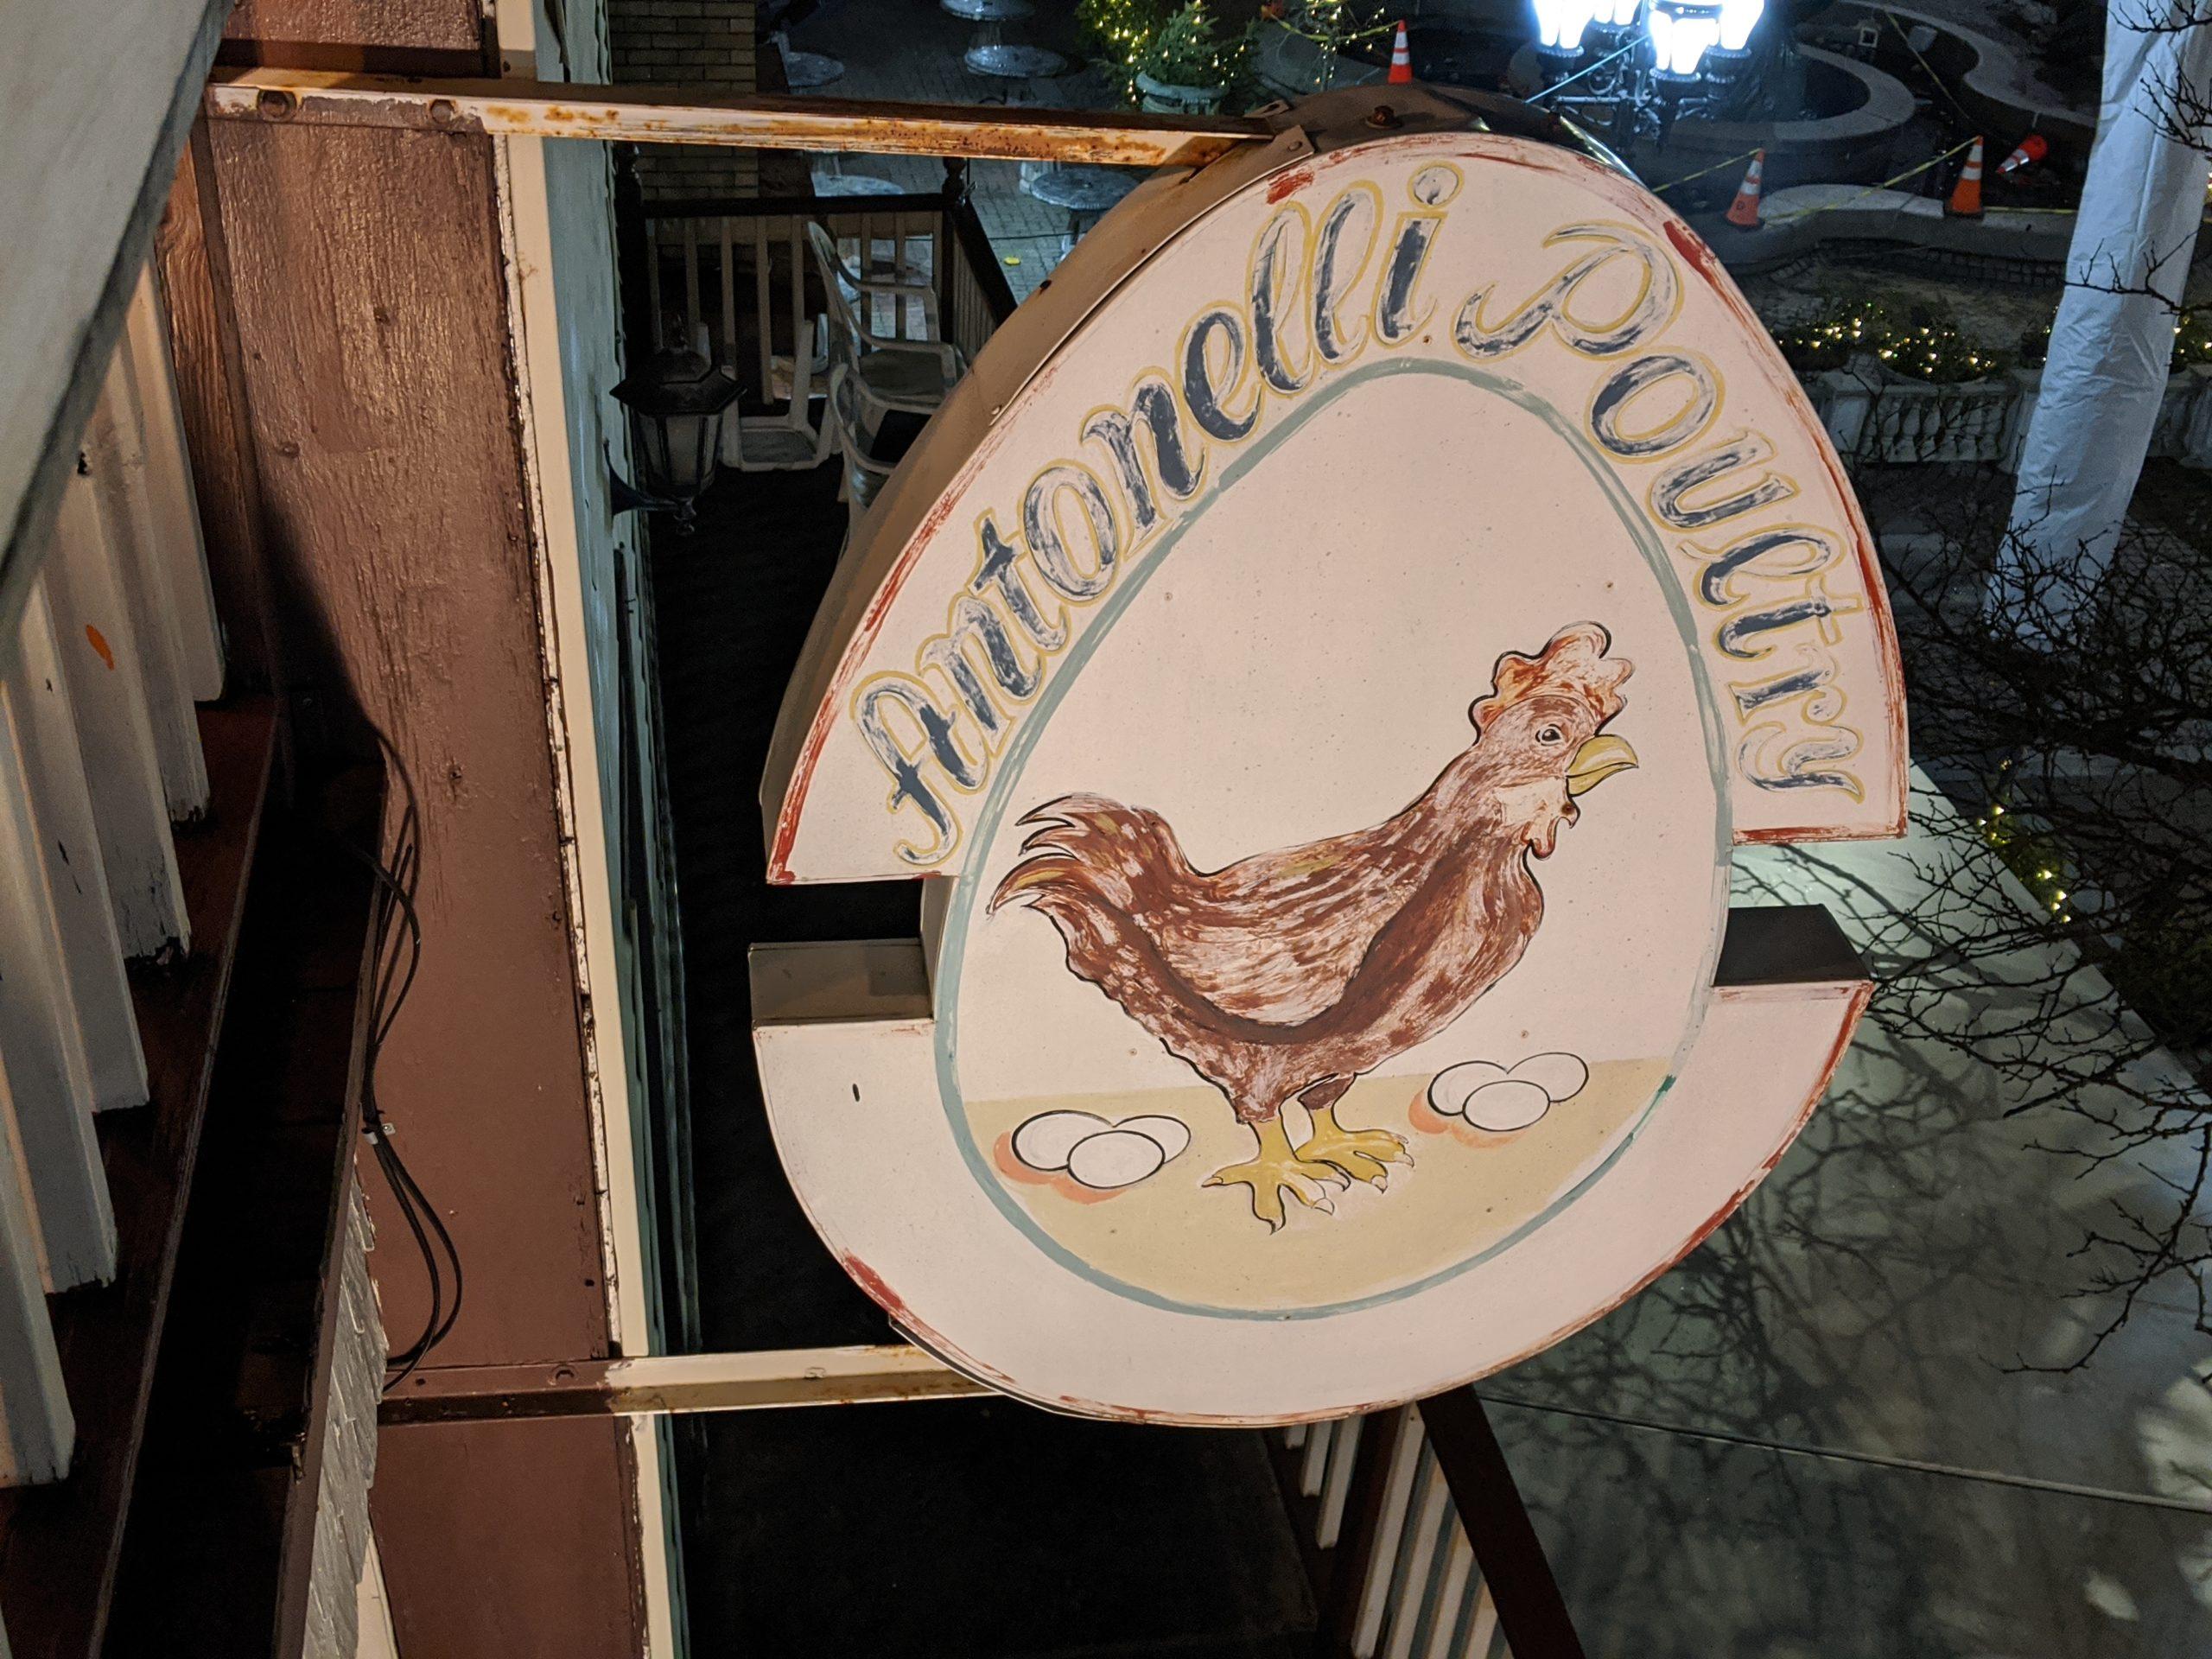 Antonelli Poultry